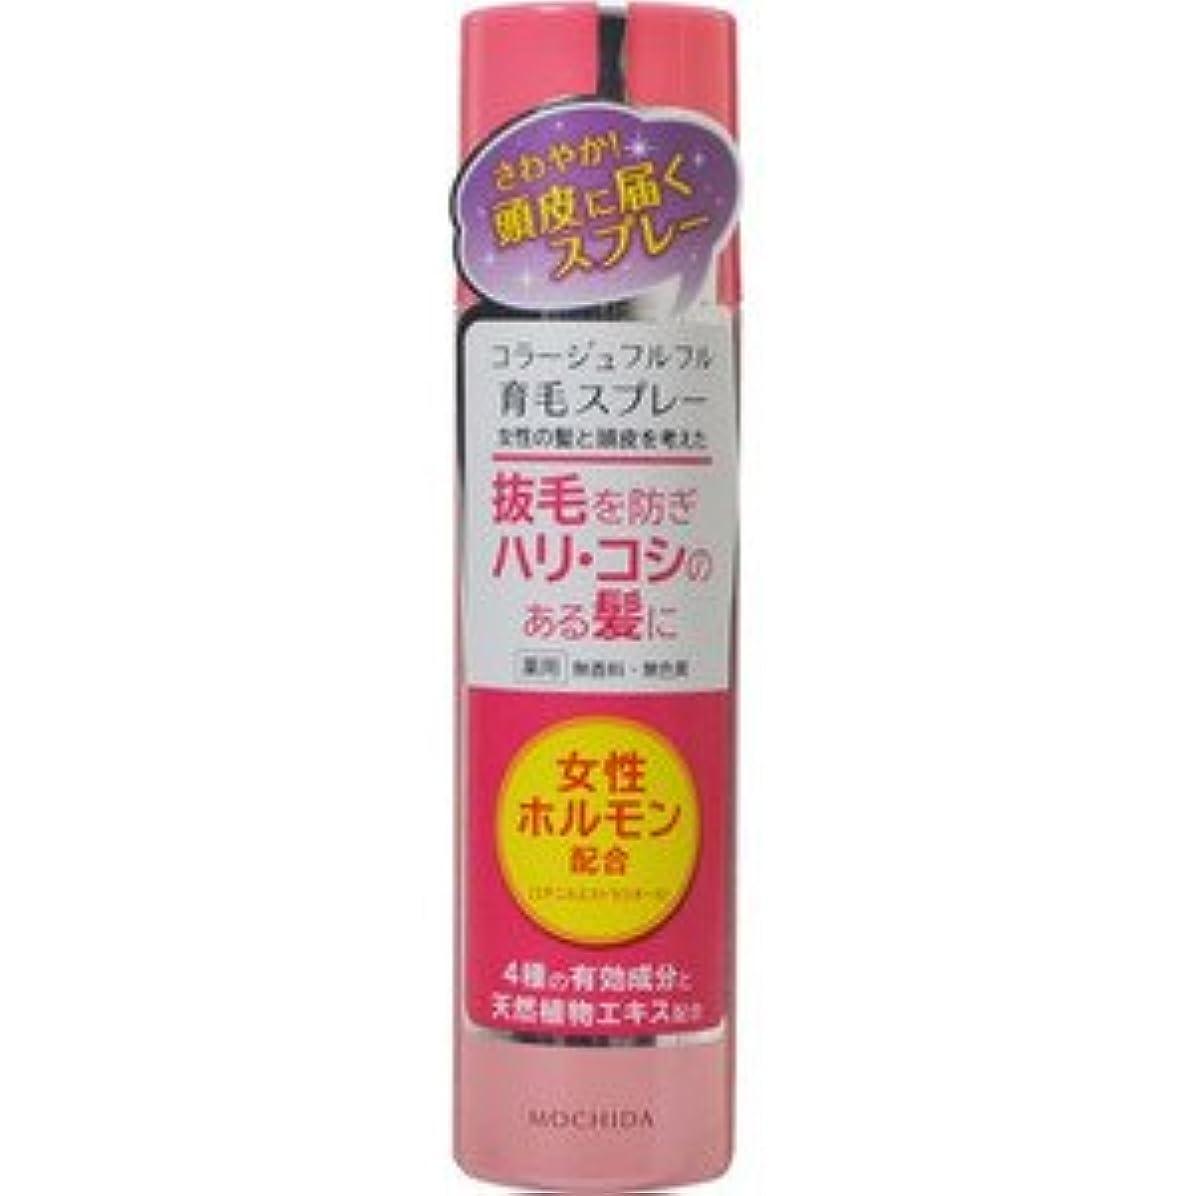 ドライバ水汗(持田ヘルスケア)コラージュフルフル 育毛スプレー 150g(医薬部外品)